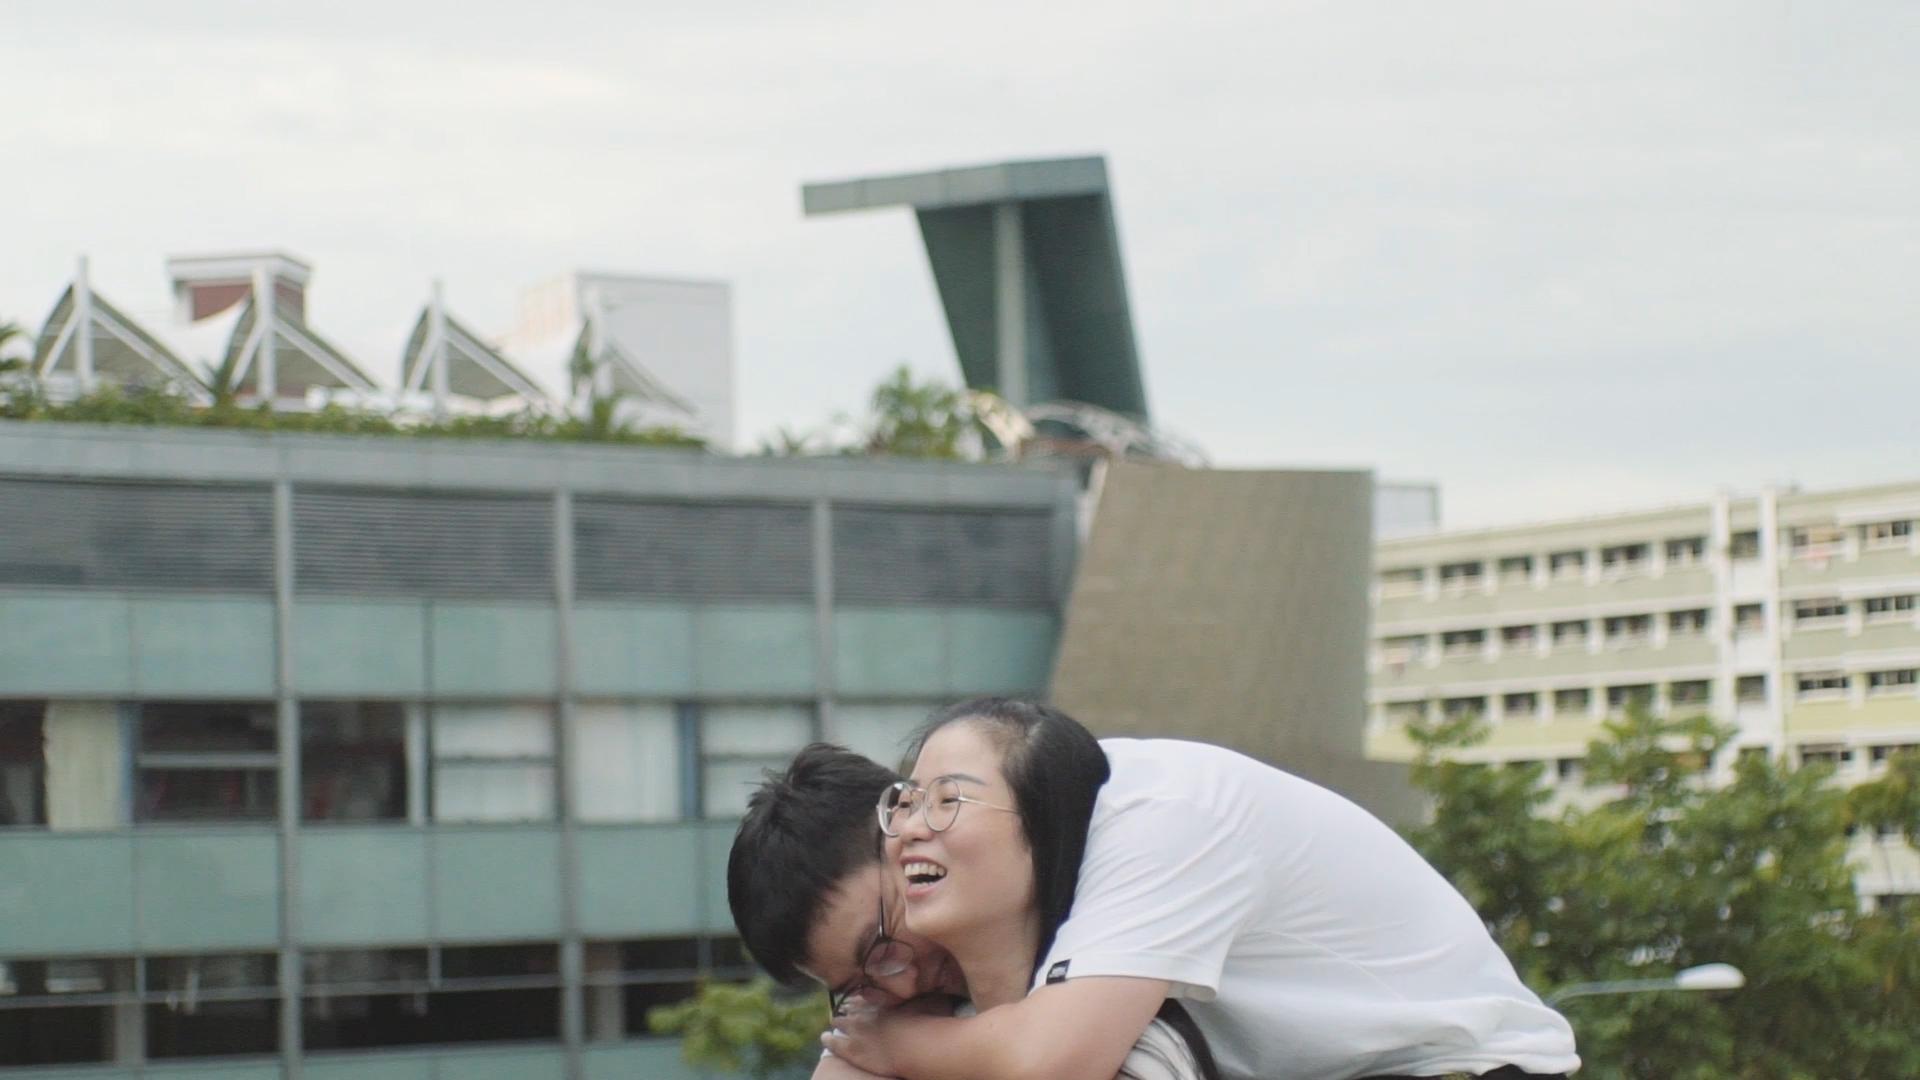 FFK_IG_59s_Screenshot_Cong Cong and Xin Jie_009.jpg